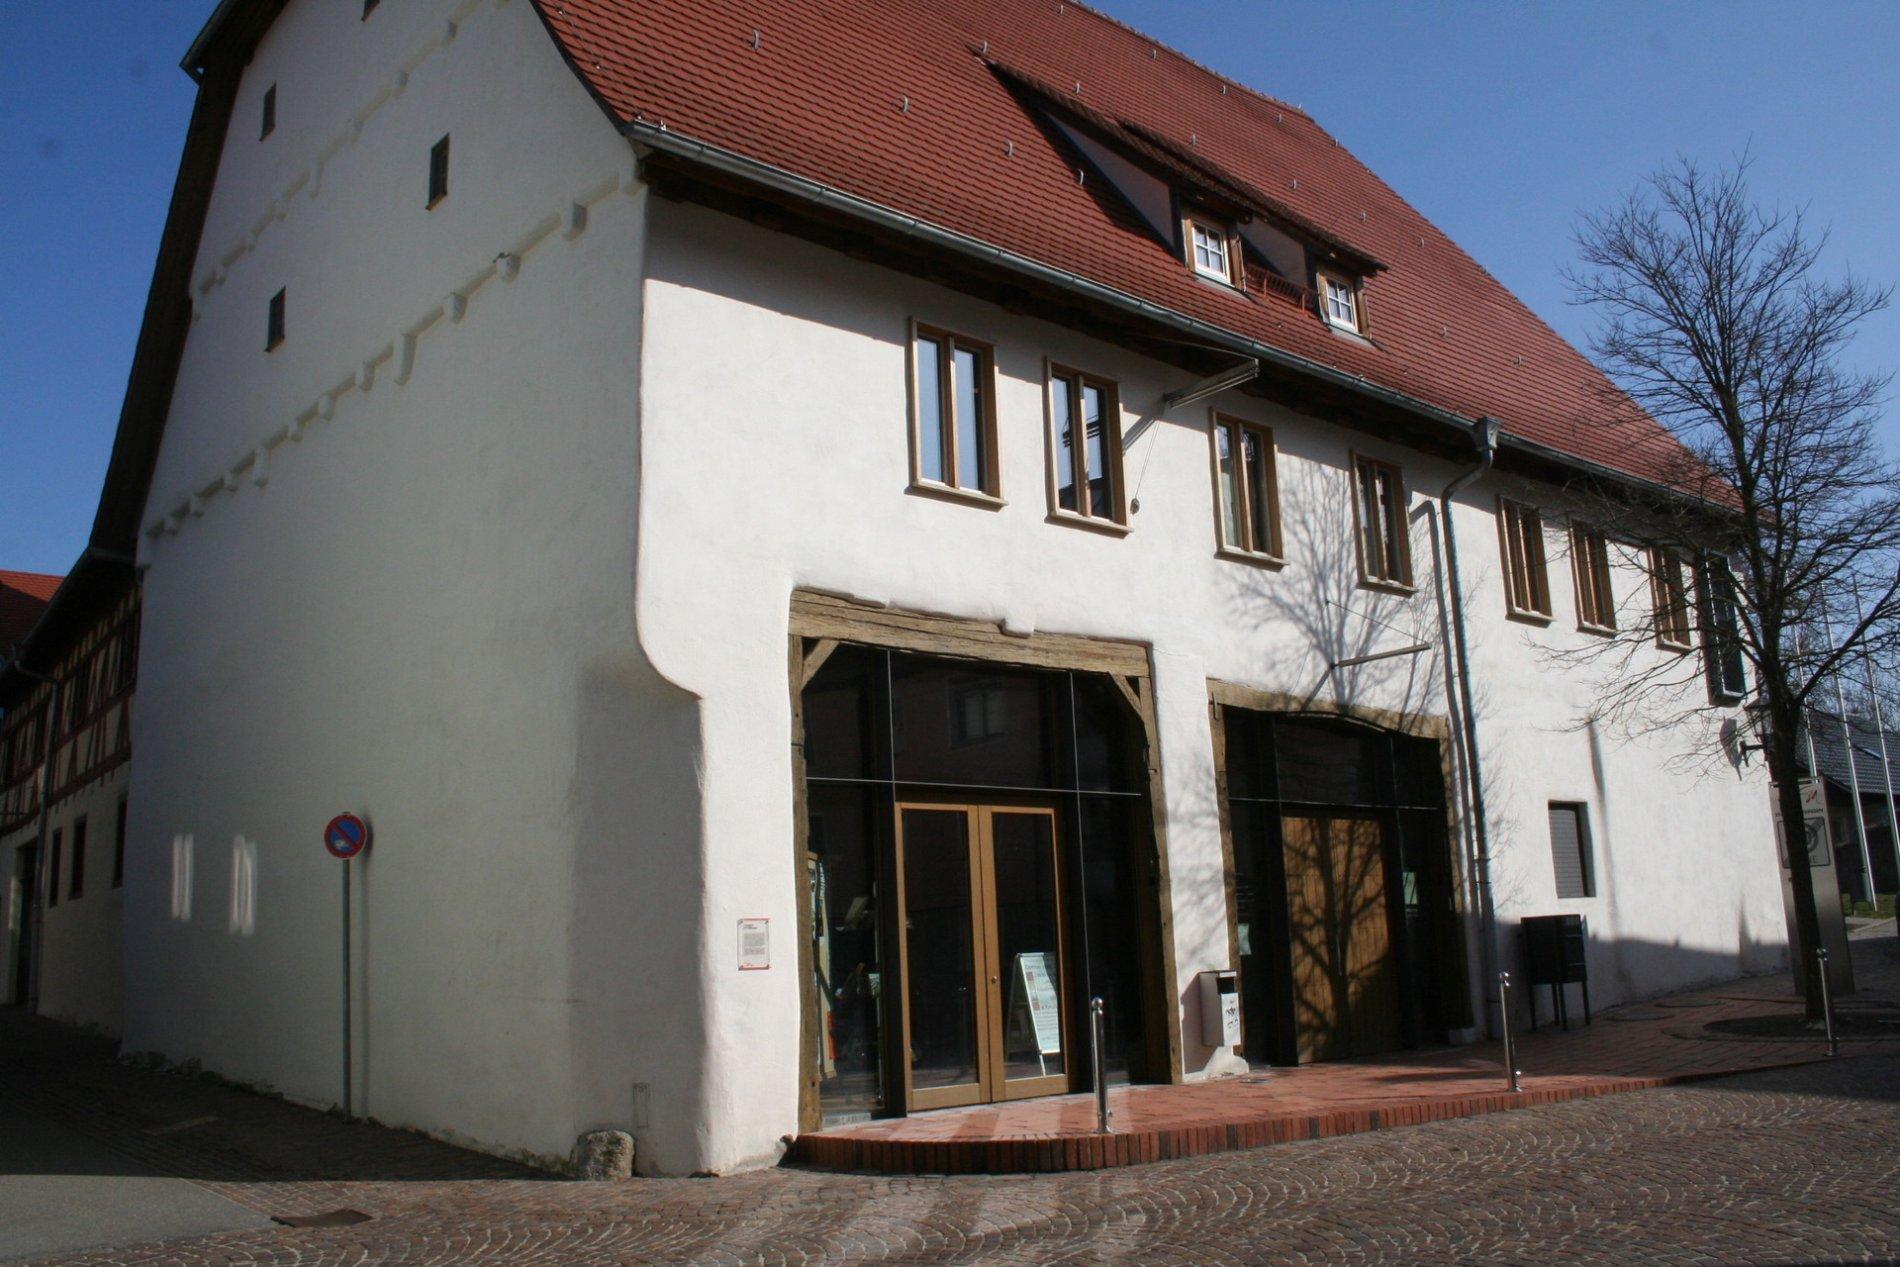 ein großes weißes Gebäude mit einem roten Dach auf der Vorderseite sind zwei große Glastüren